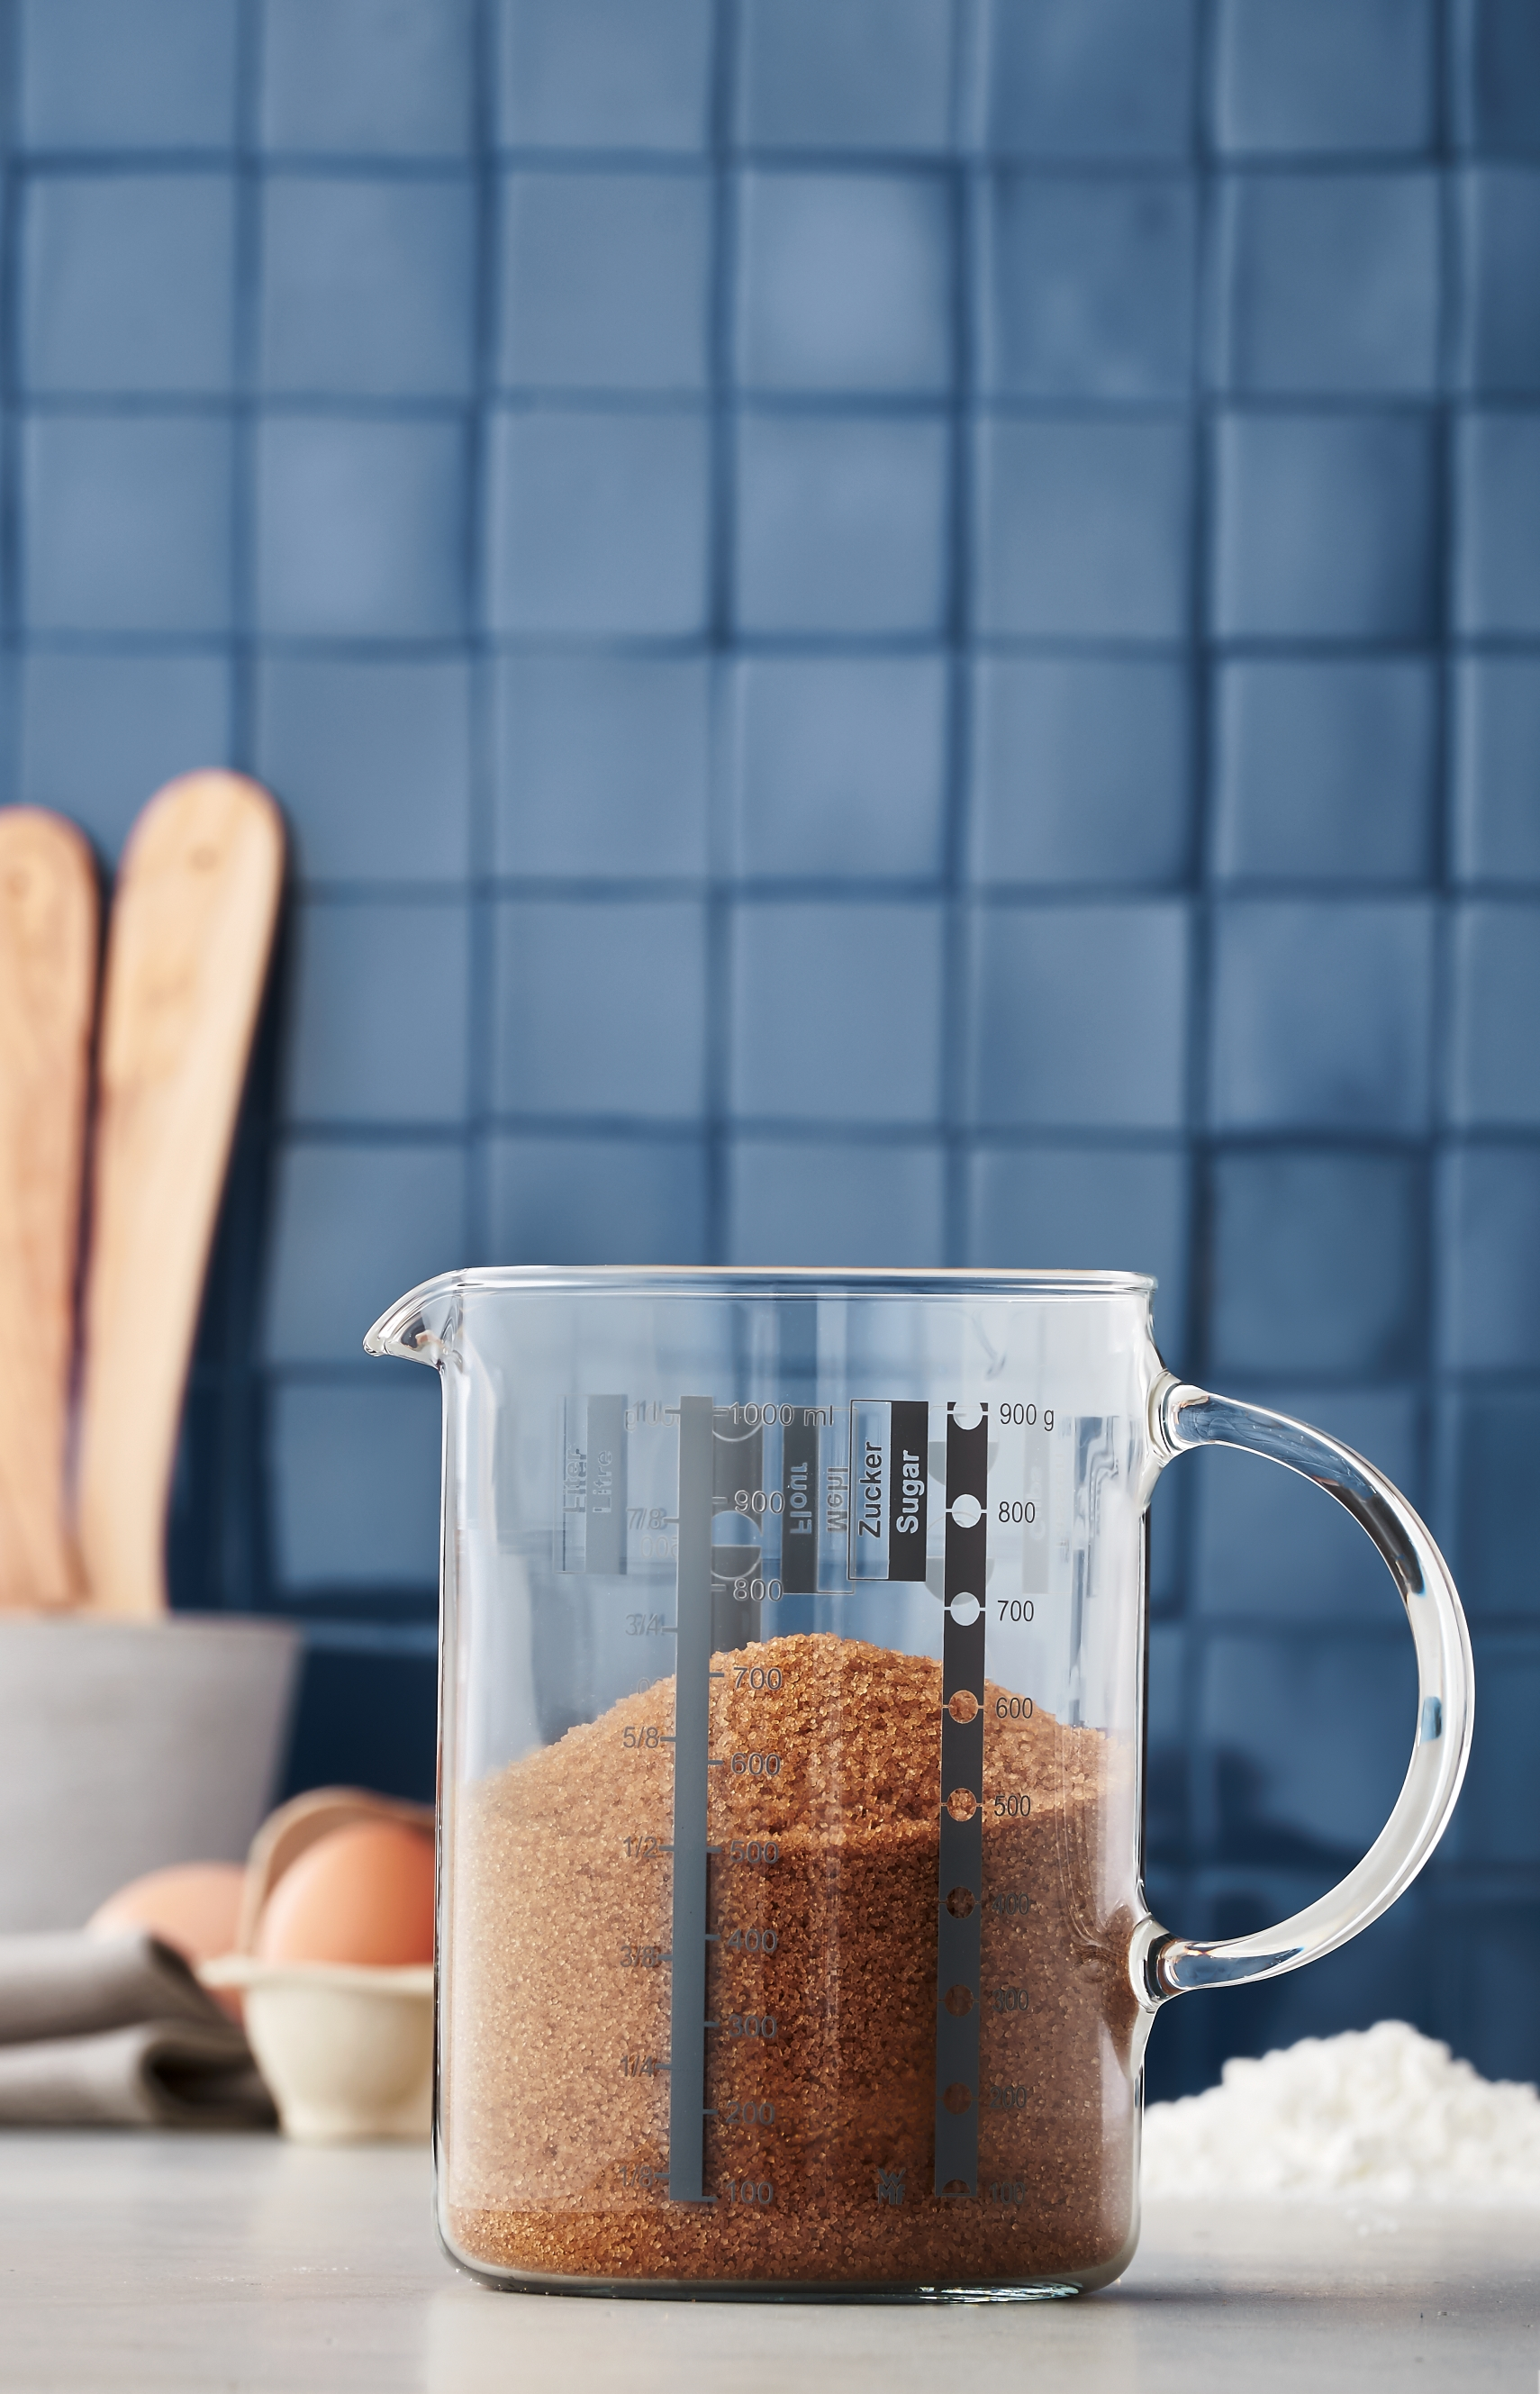 Sıvı ve katı malzemeler için kullanılabilir.